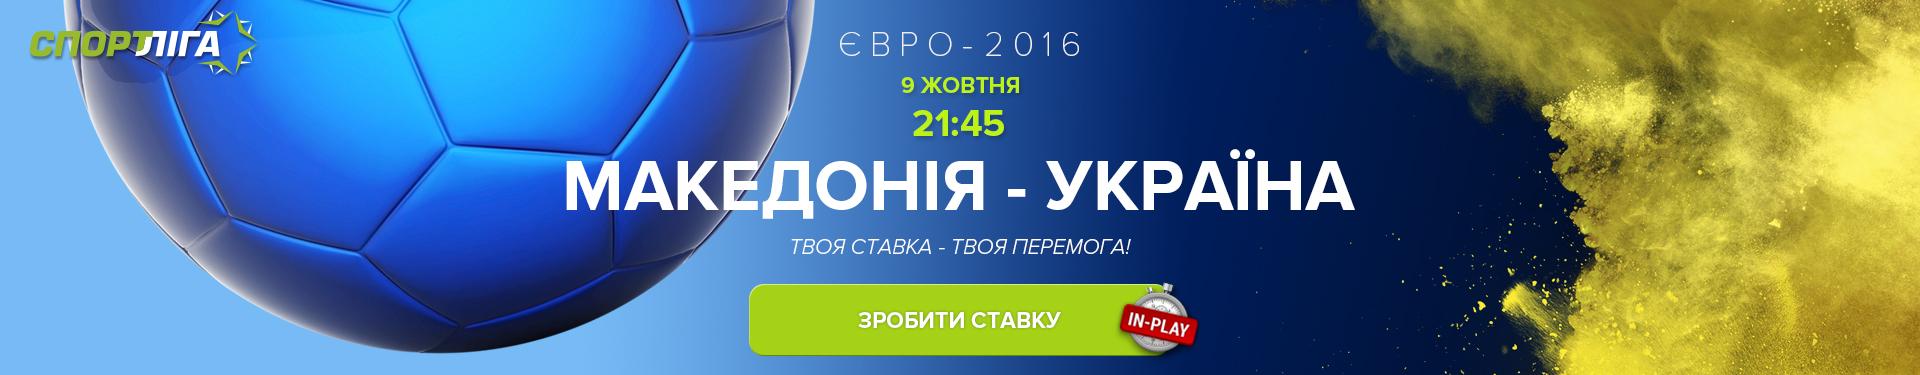 Спортпрогноз украина результаты